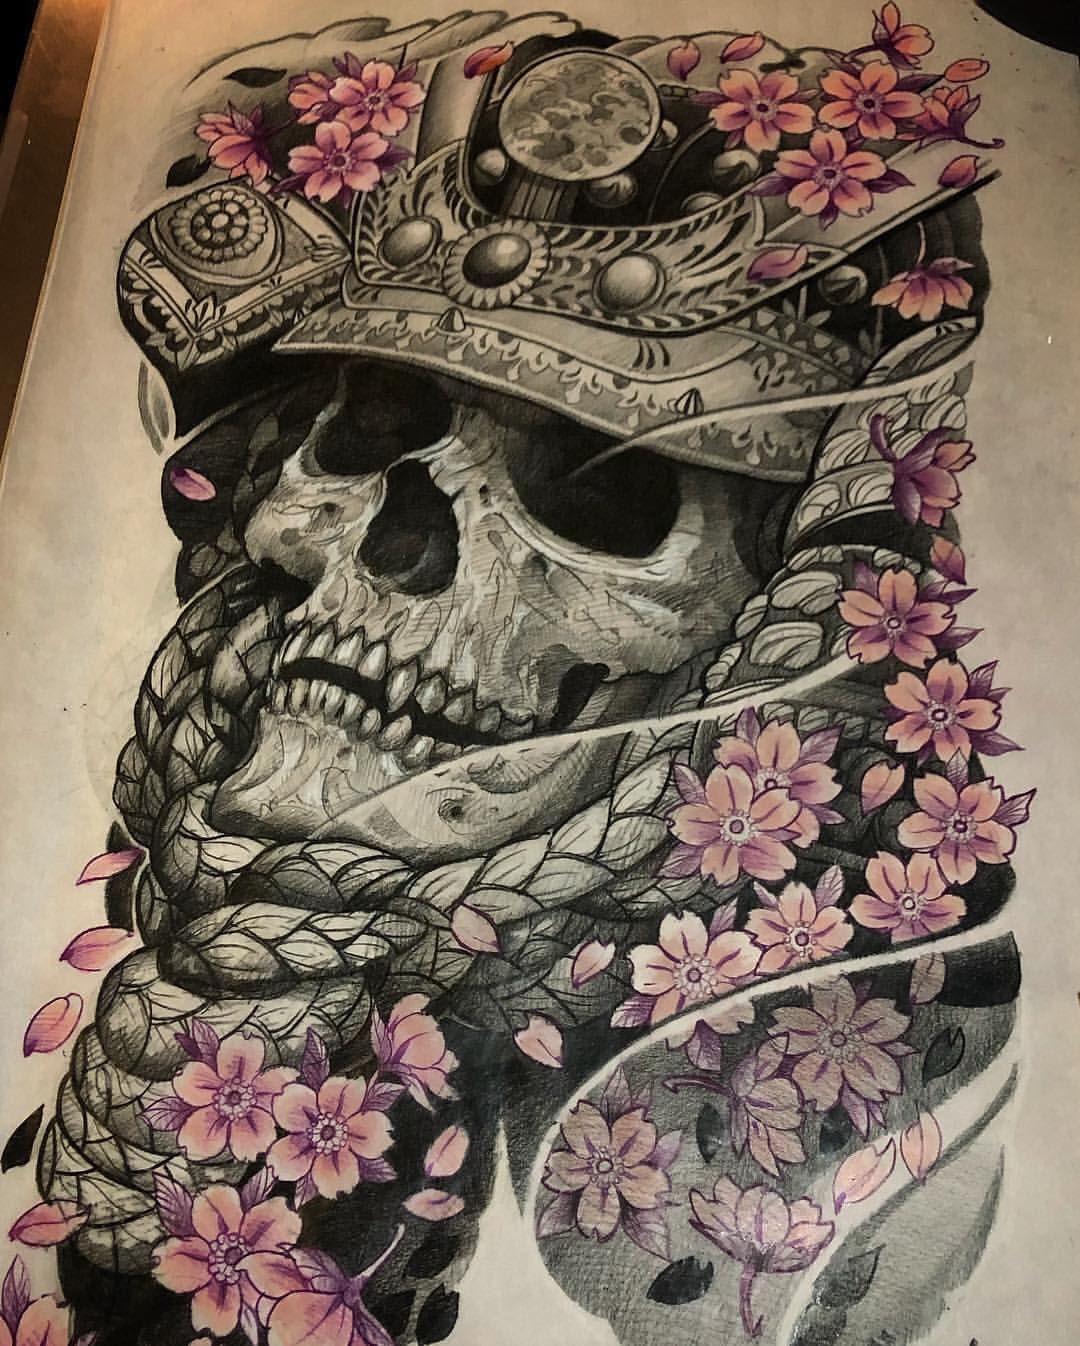 Pin by la ngoc canh on Hình xăm hoa văn Samurai tattoo